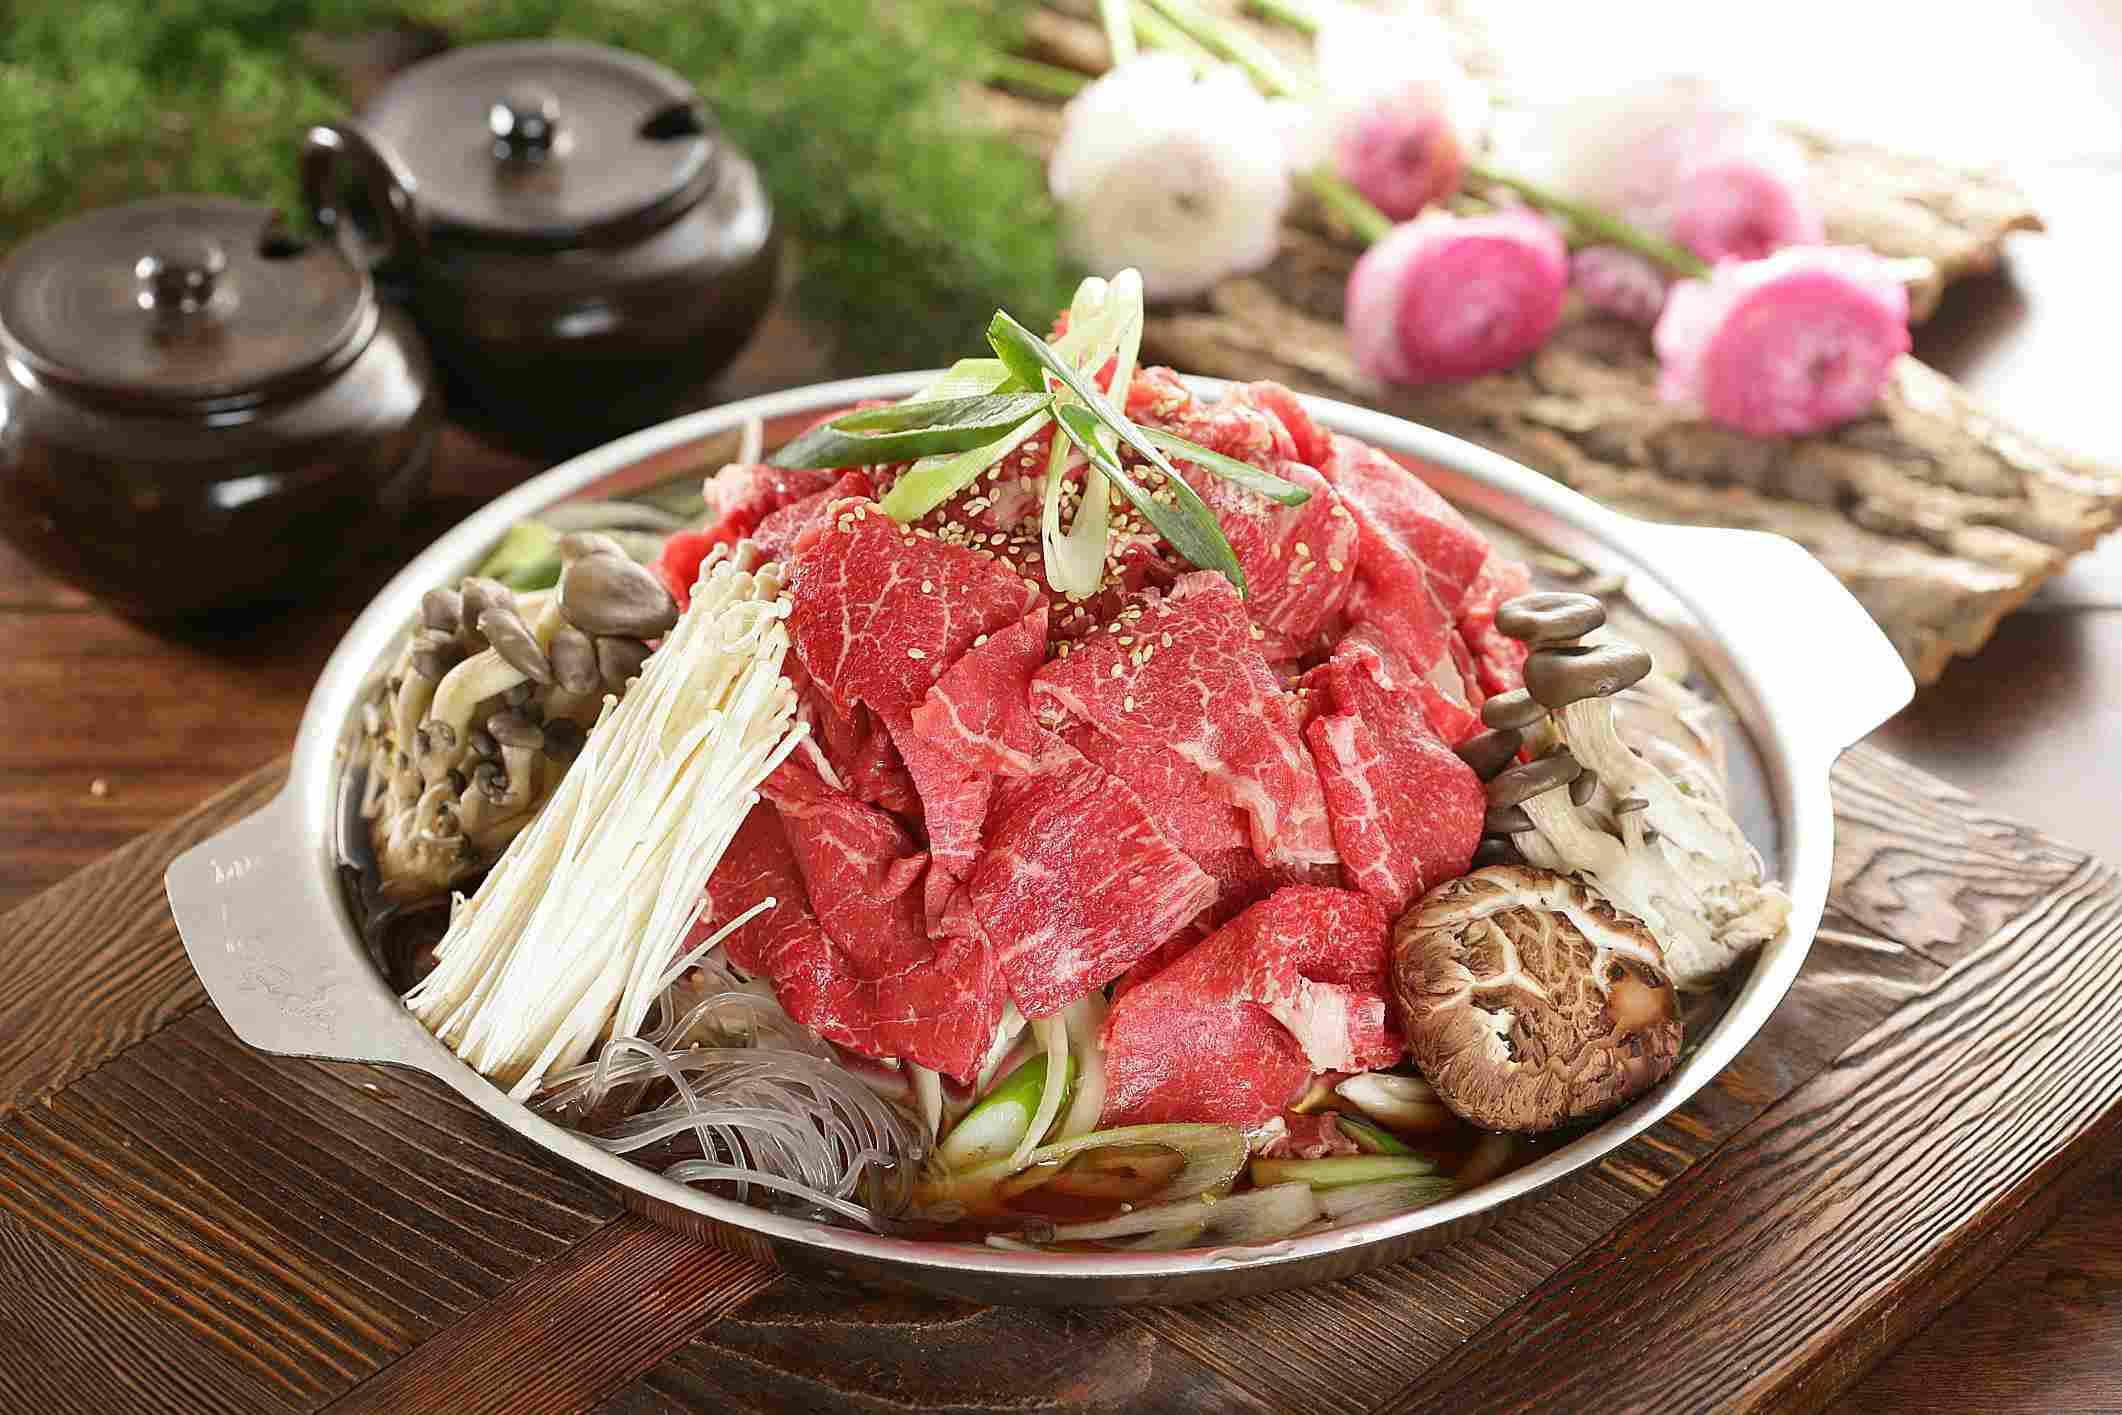 Bulgogi ingredients in a bowl